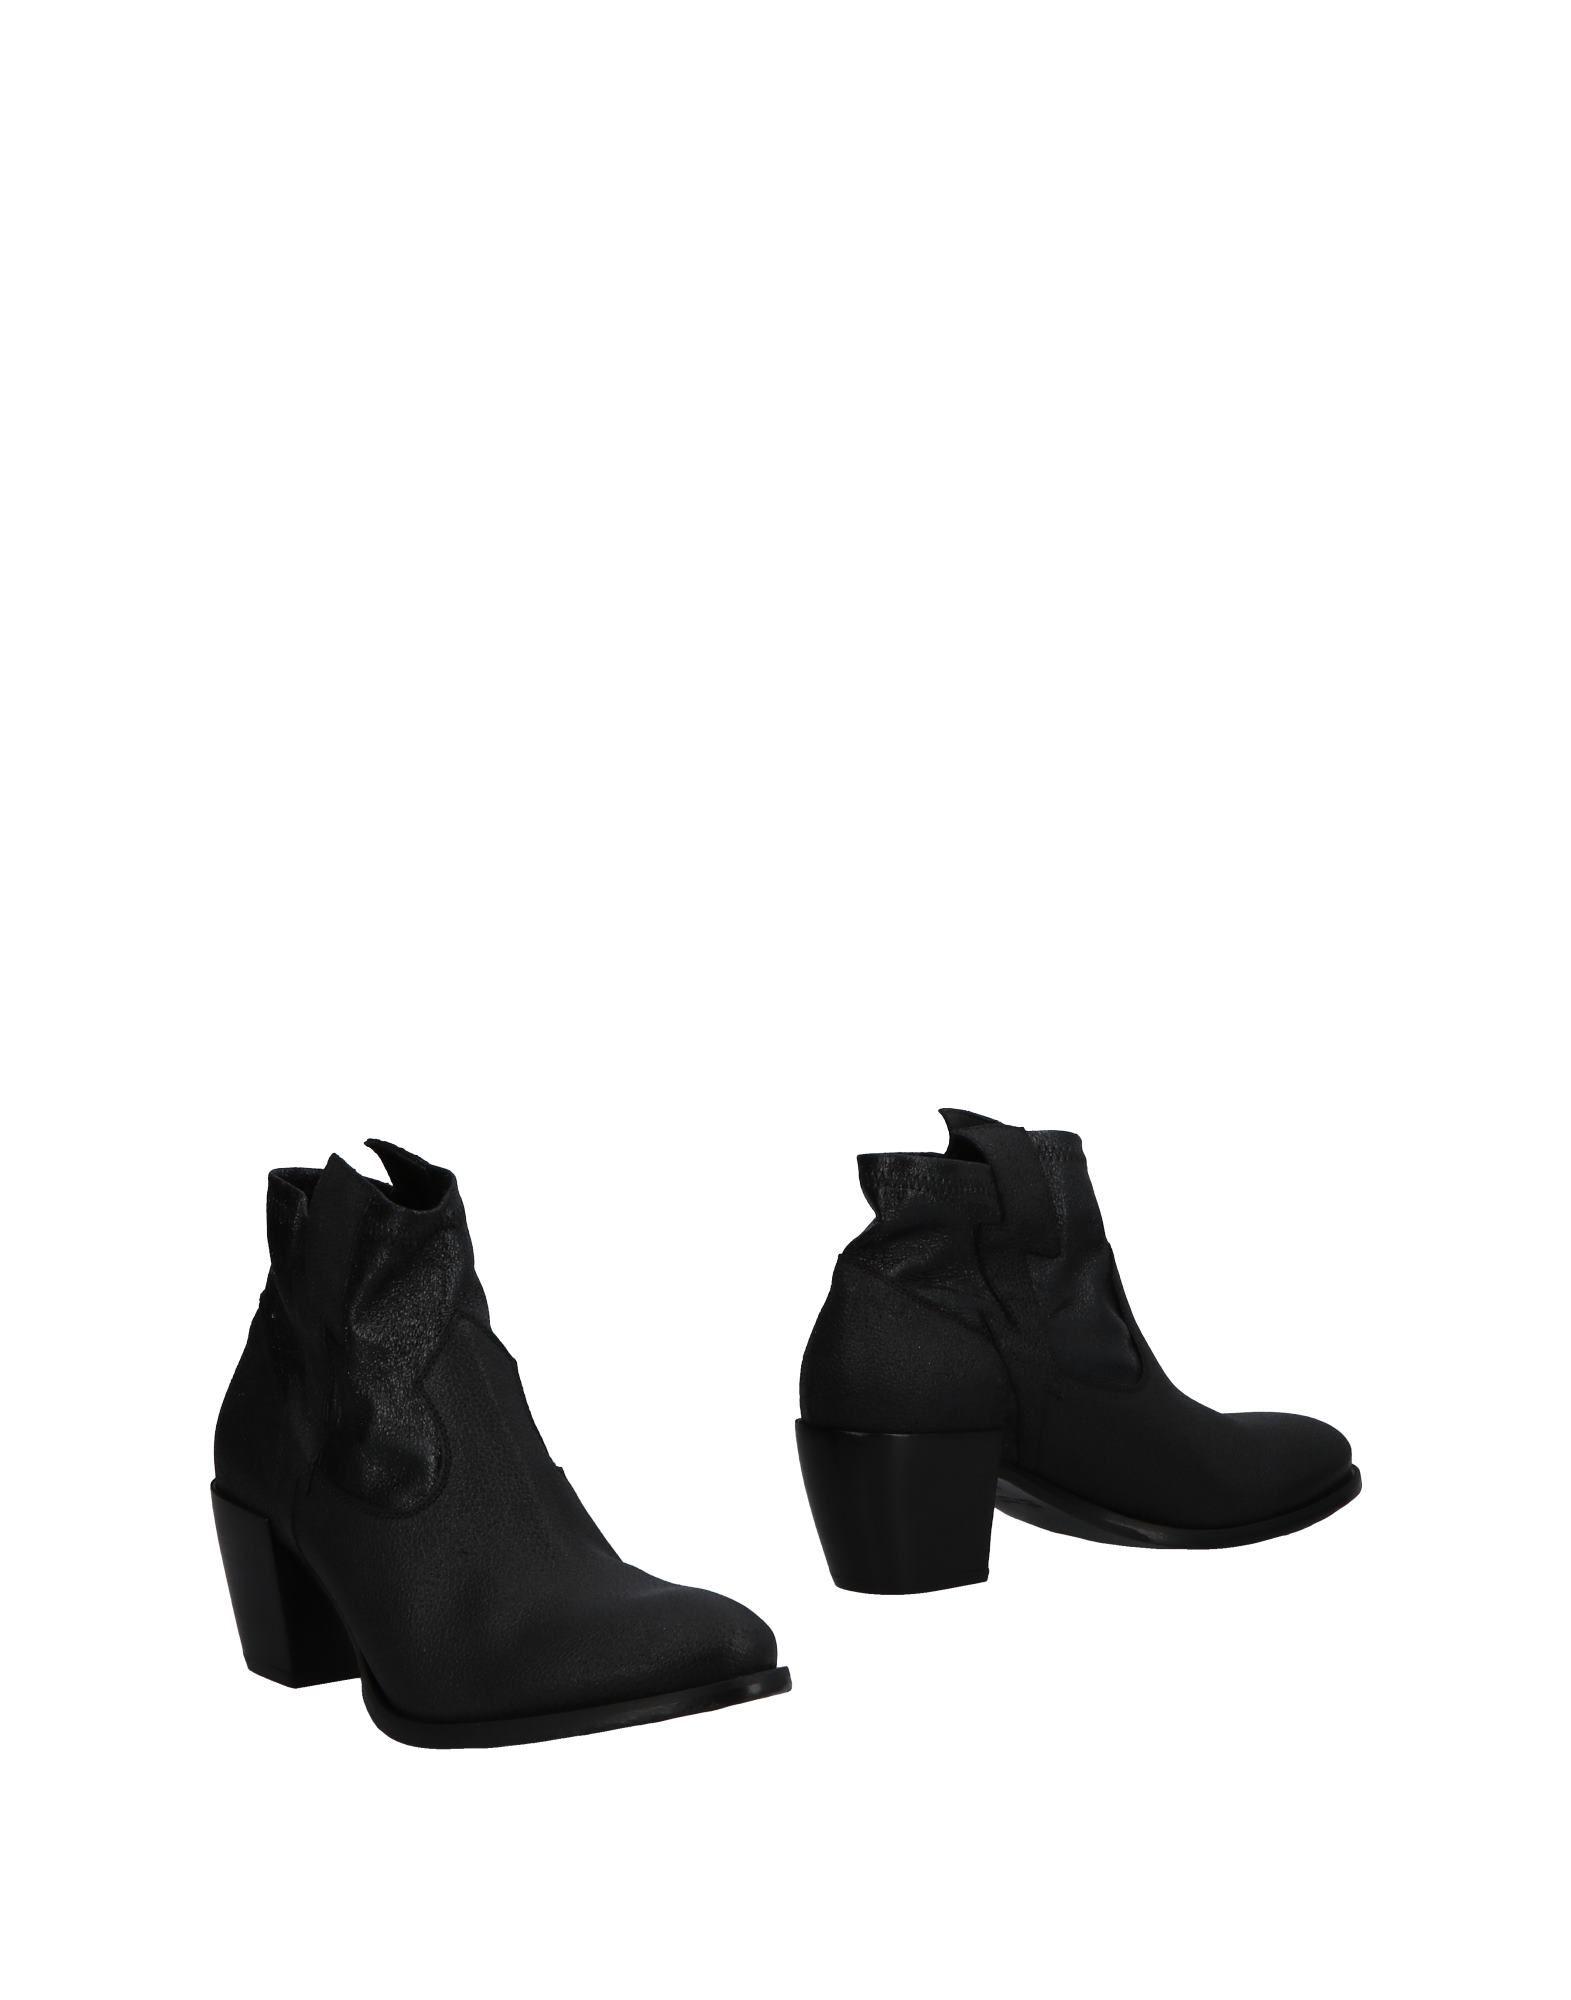 Stilvolle billige Schuhe Damen Lemaré Stiefelette Damen Schuhe  11499889UP dd2c9c